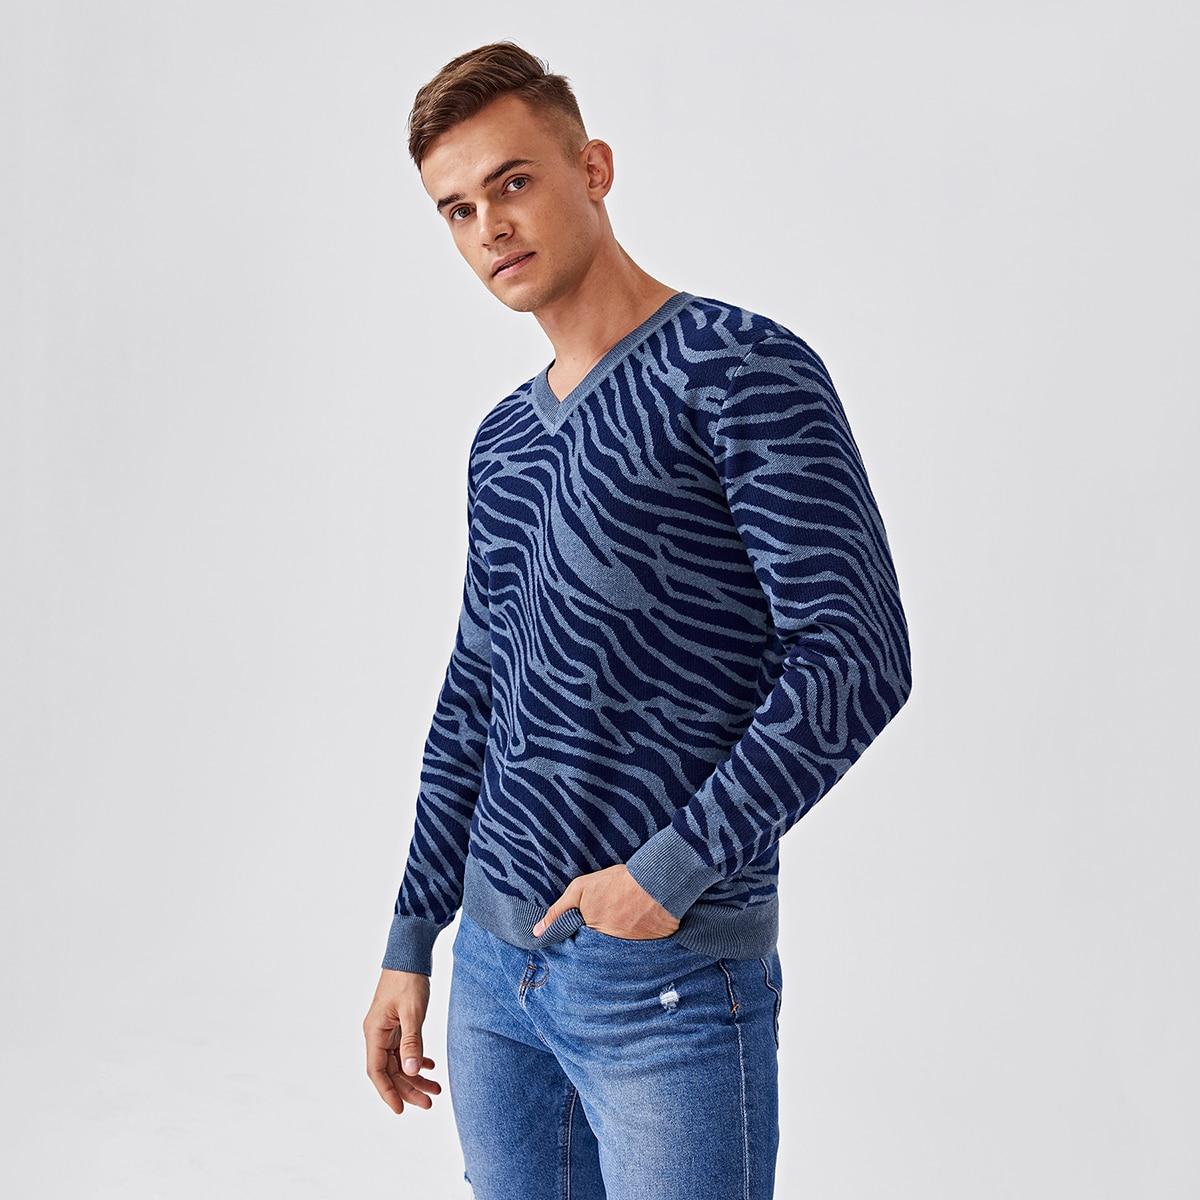 Мужской свитер с зебровым принтом